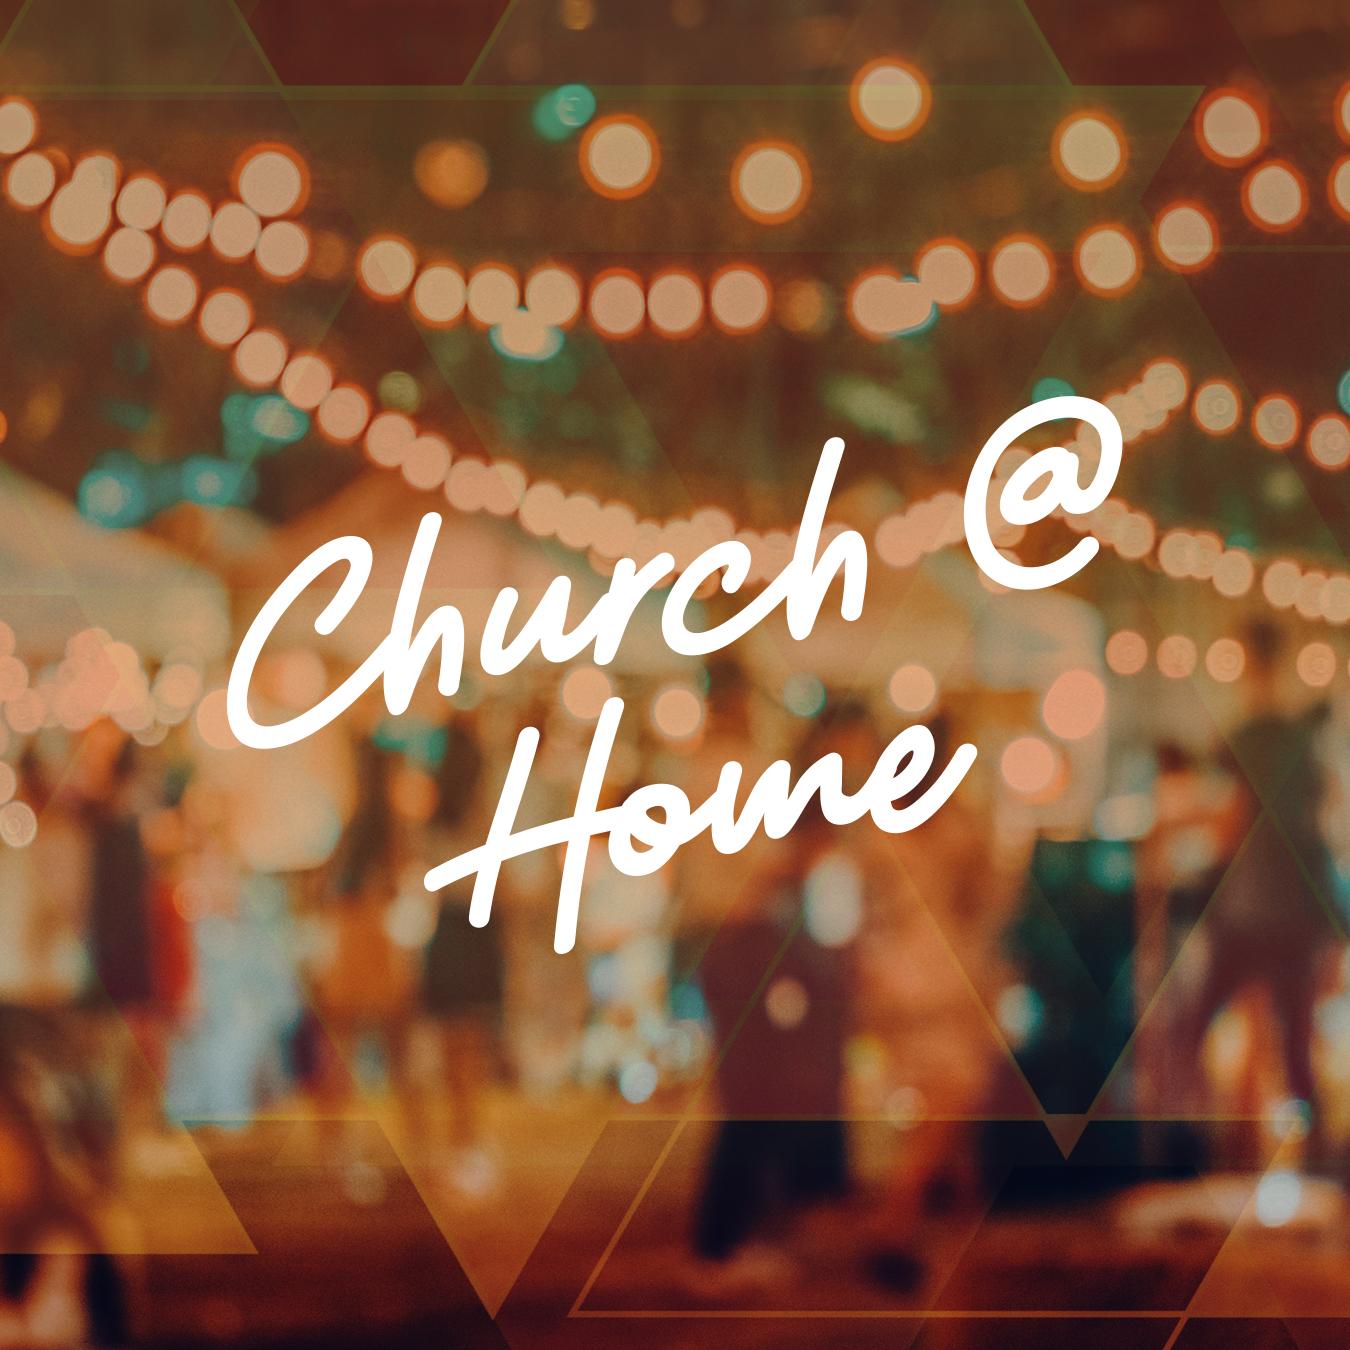 Church @ Home 2018